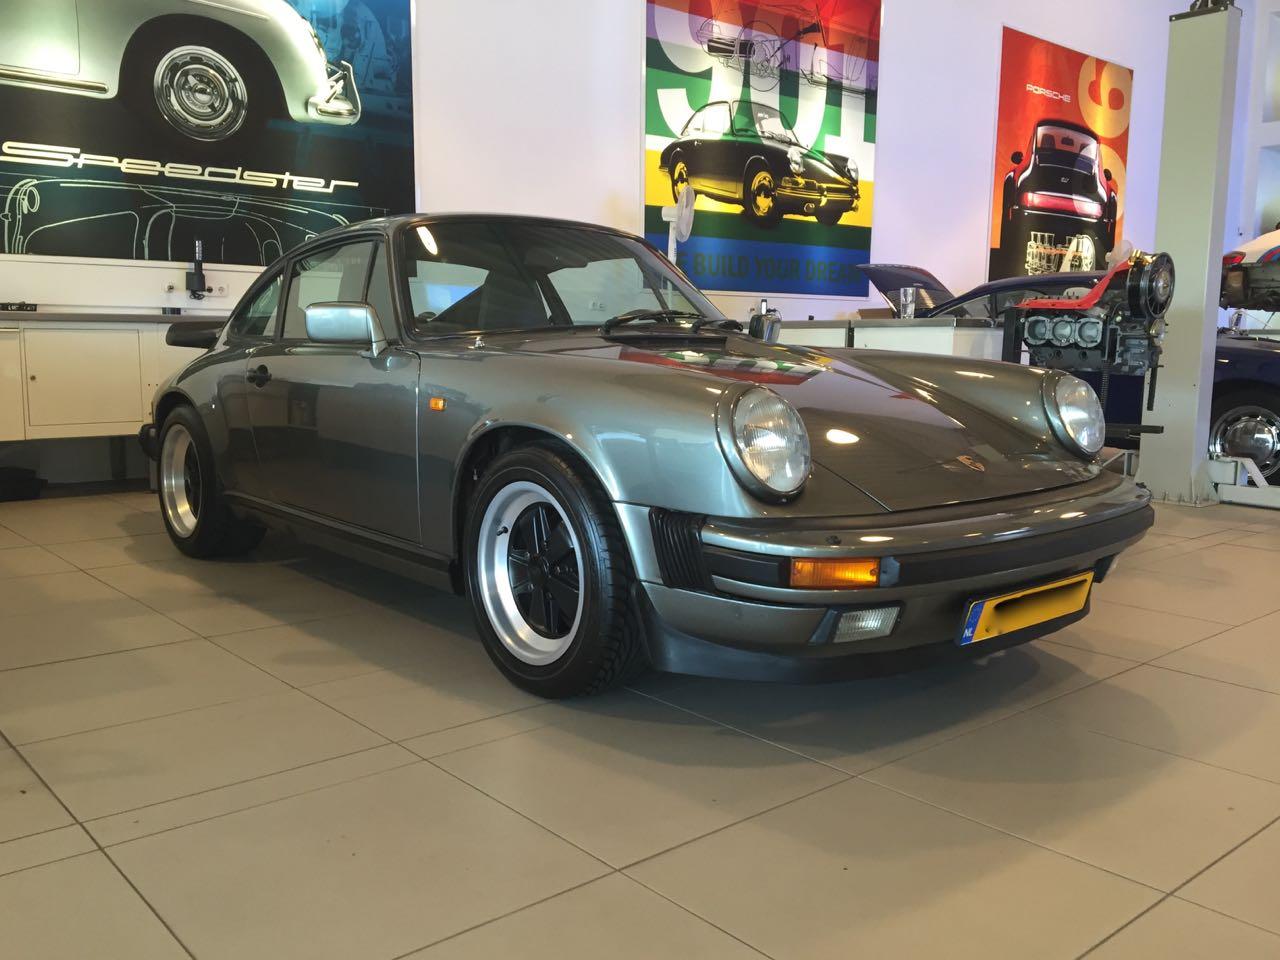 911 youngtimer - Porsche 911 Carrera G50 - 1987 - Felsengruen 1